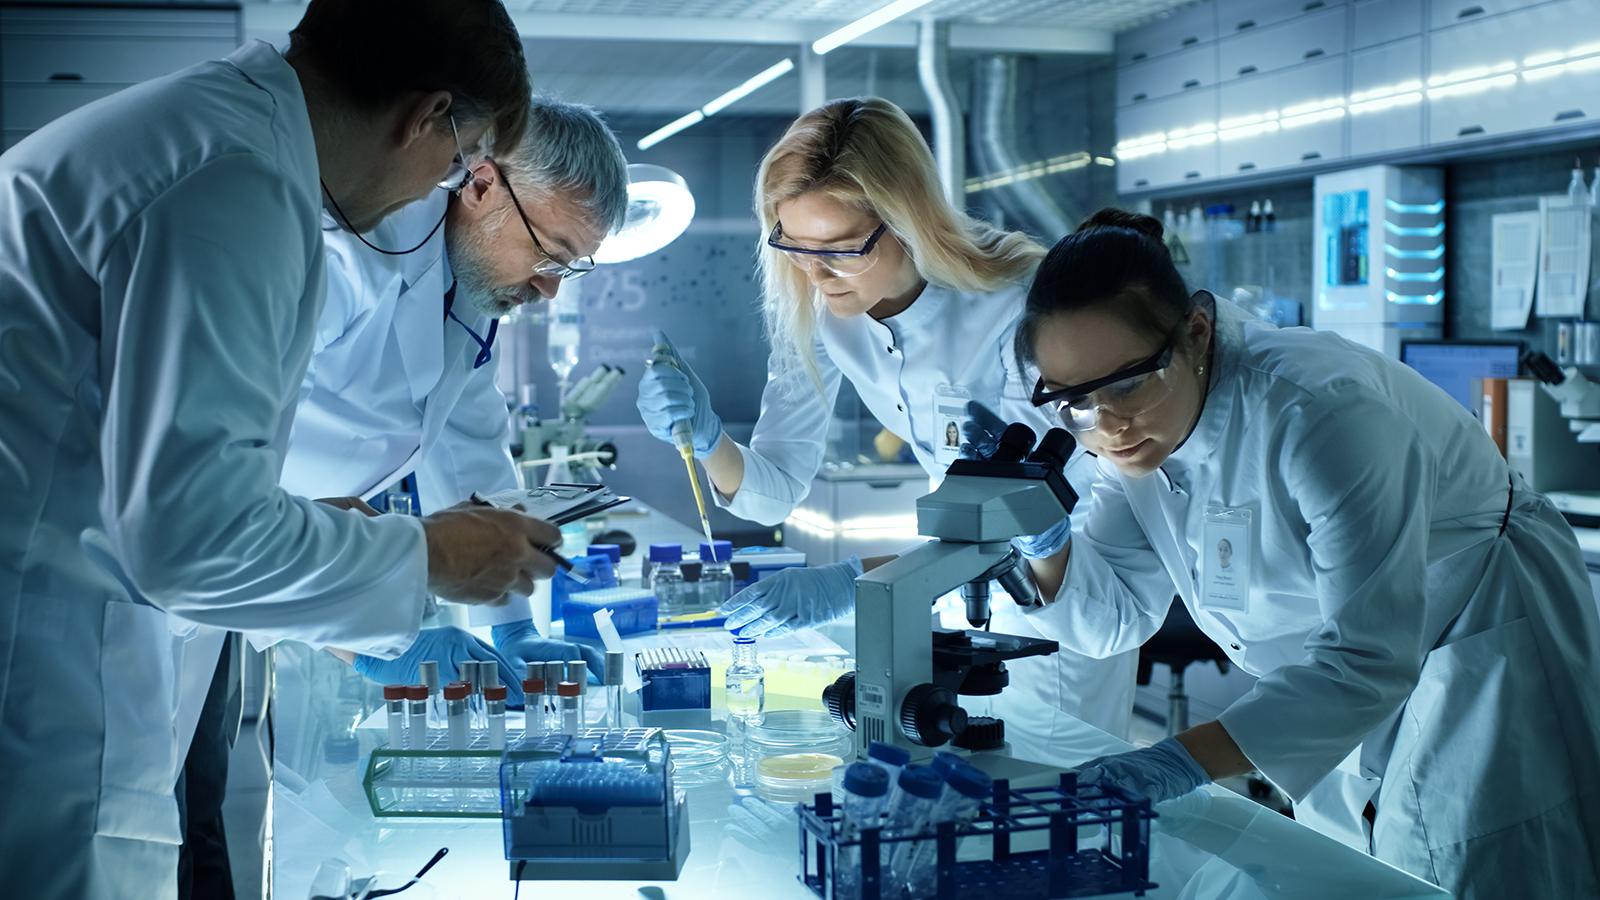 Природоподобные технологии! Био проекты Будущего России